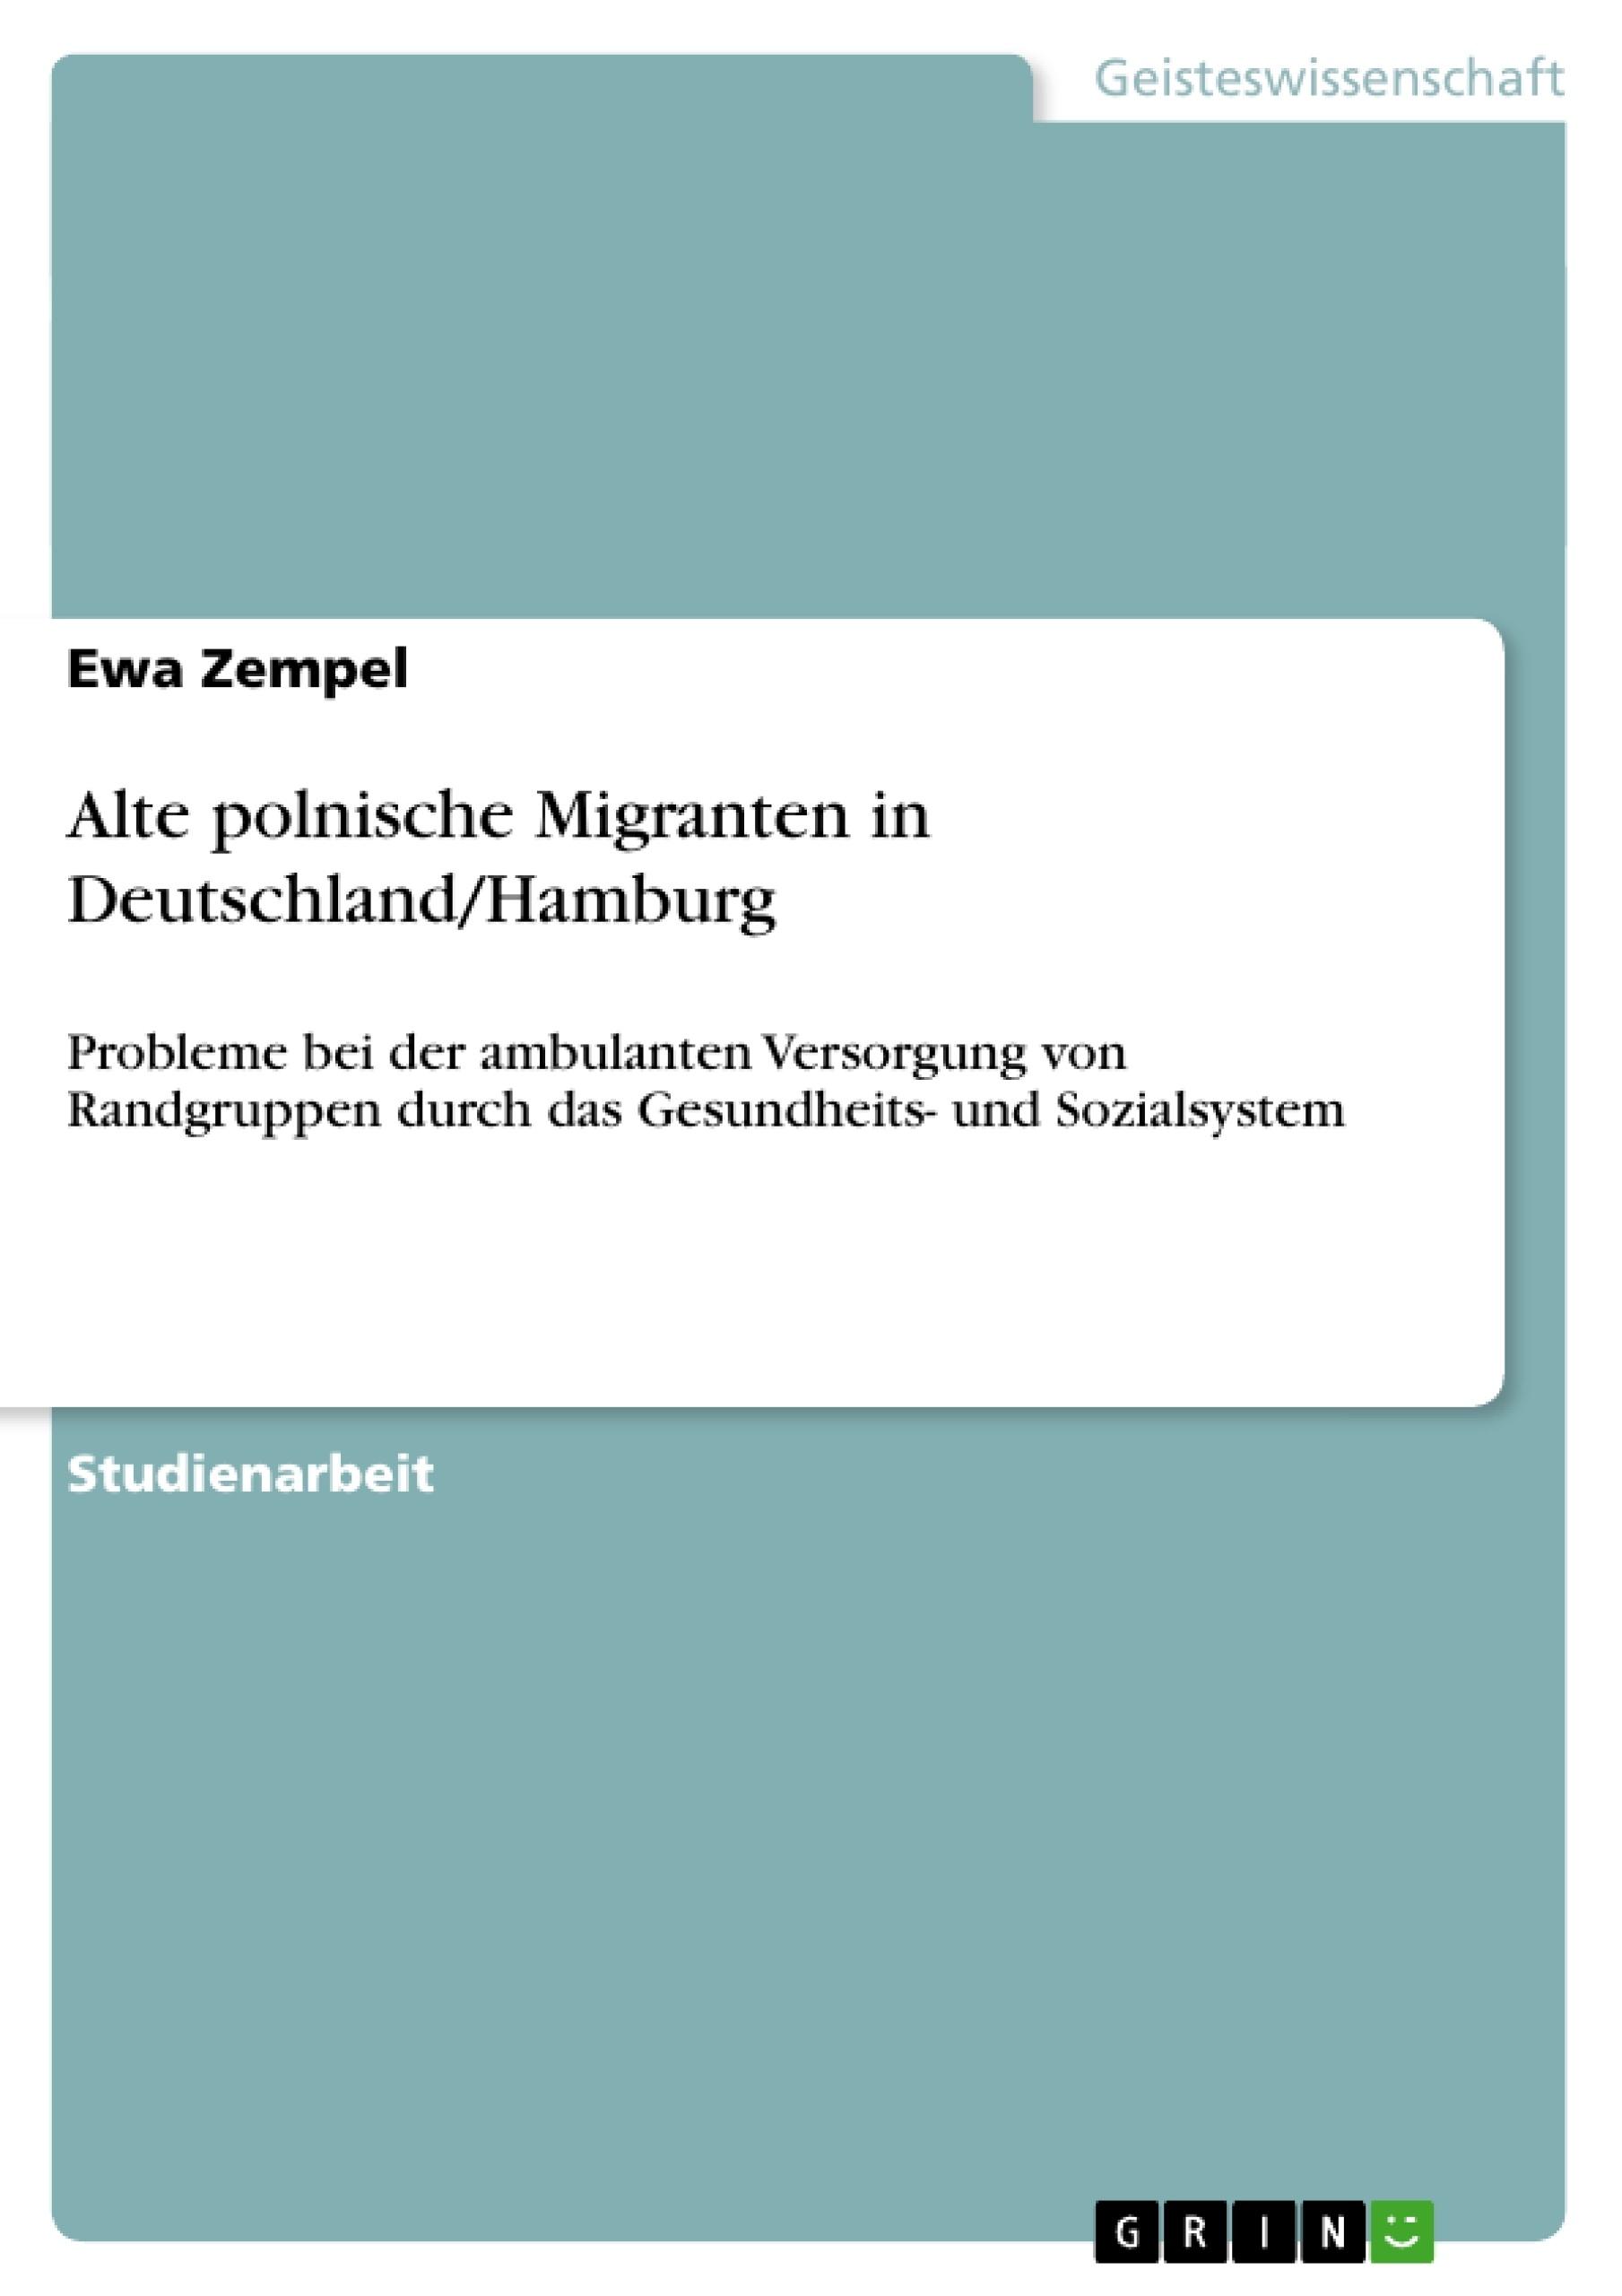 Titel: Alte polnische Migranten in Deutschland/Hamburg